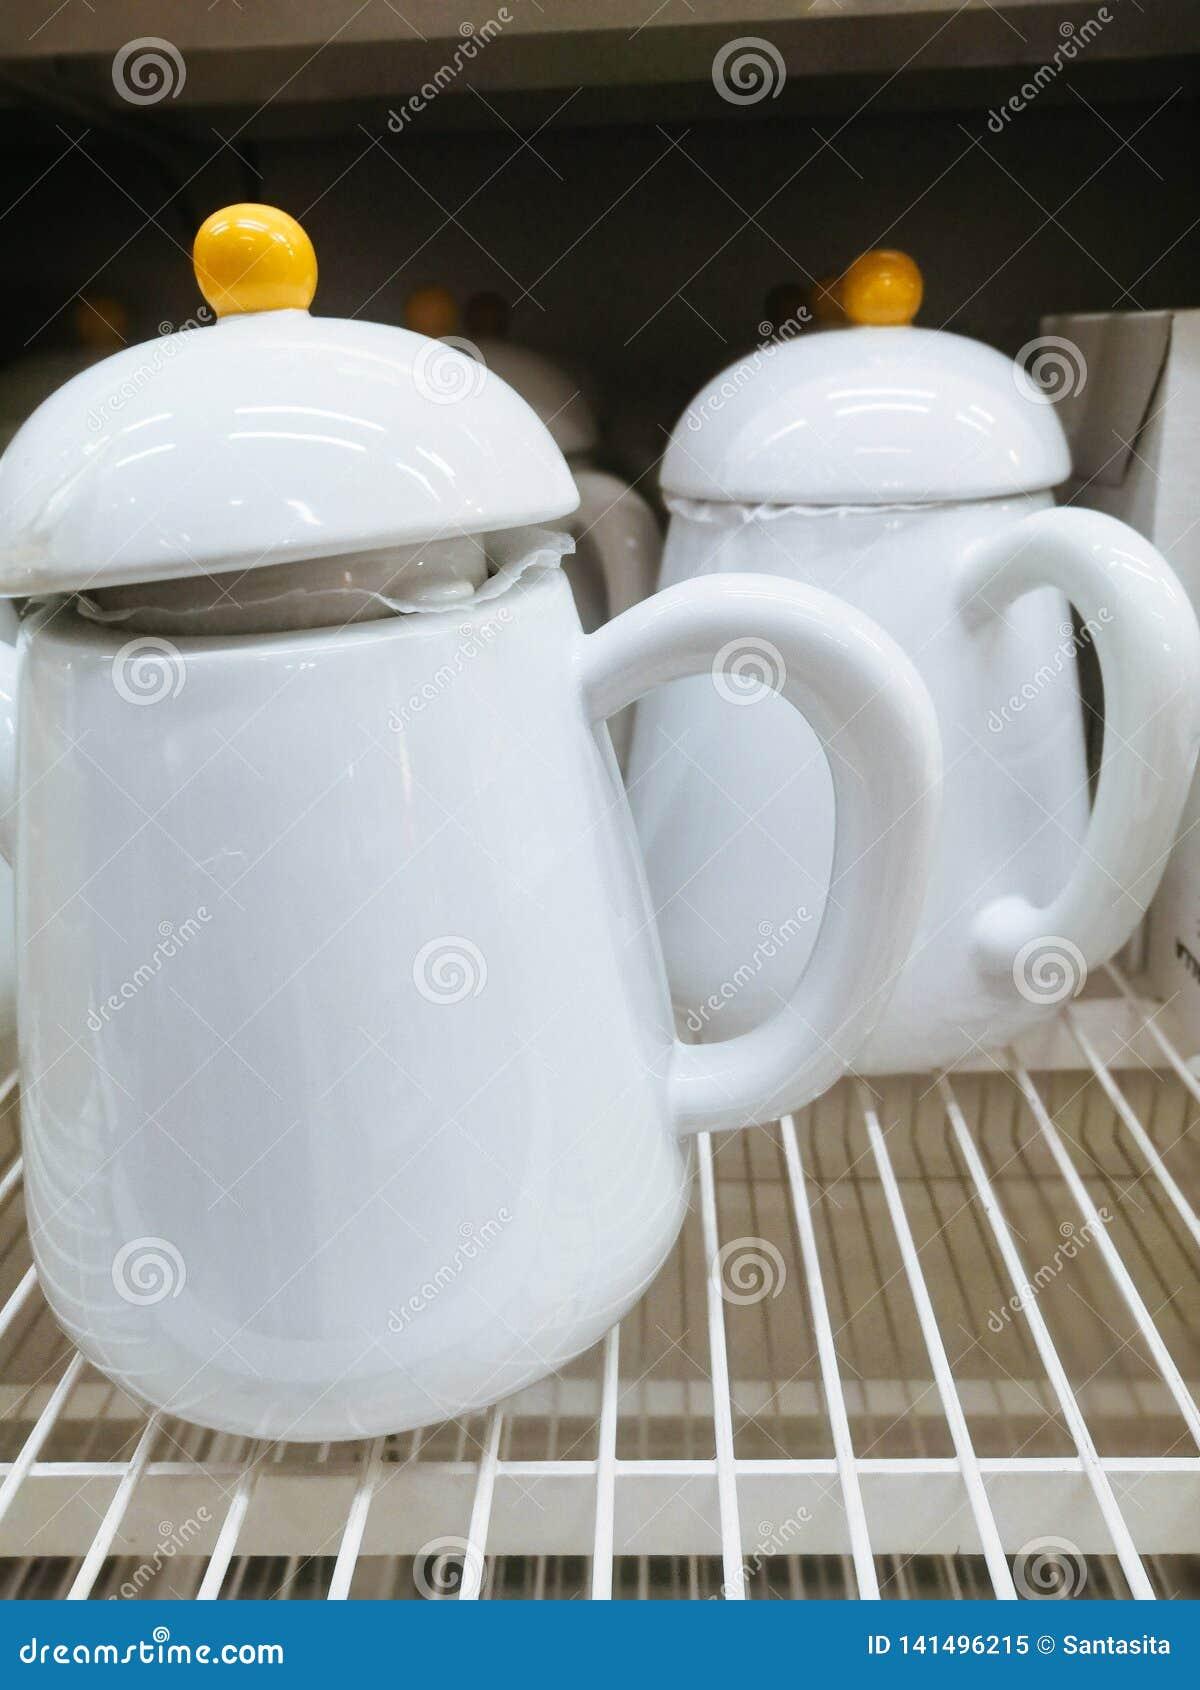 Théières en verre en céramique blanches avec la poignée jaune de bouton sur le couvercle pour le thé